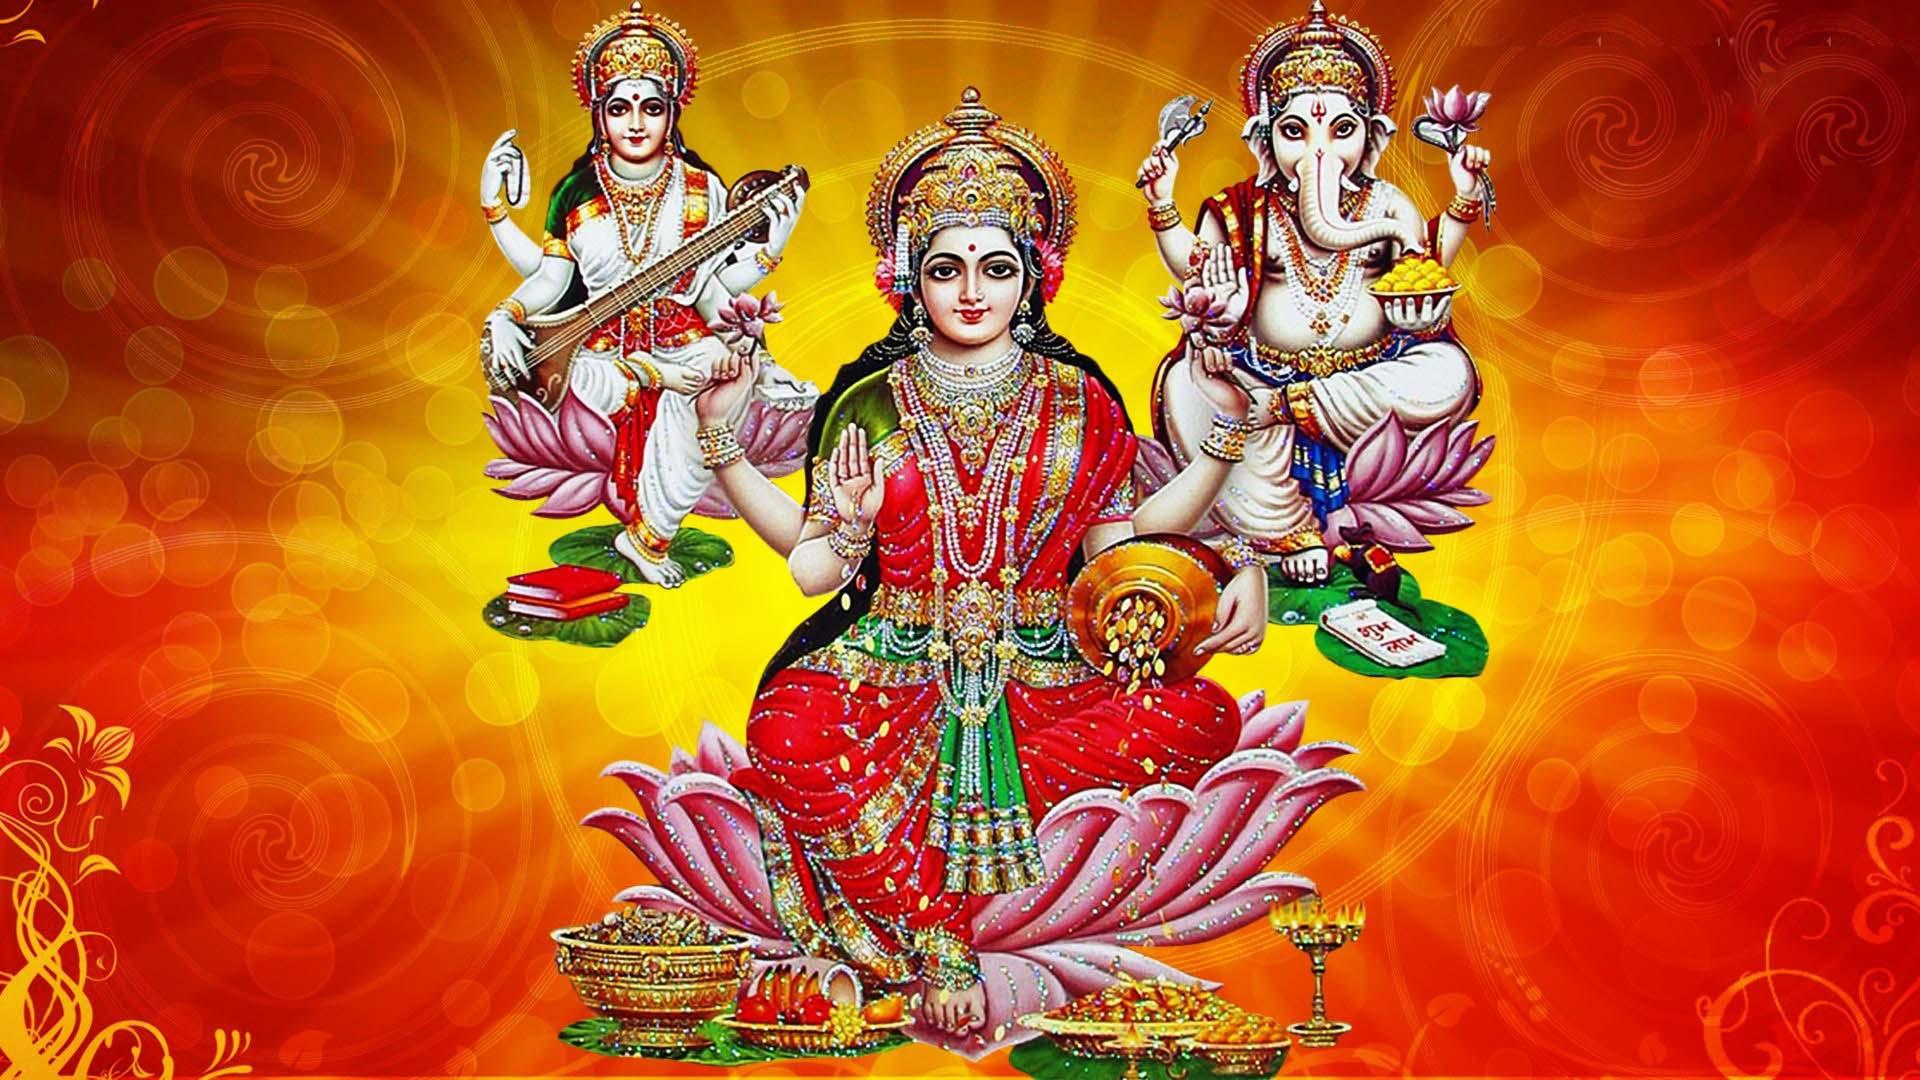 Laxmi Ganesh Saraswati Full Hd Wallpaper Goddess Maa Lakshmi